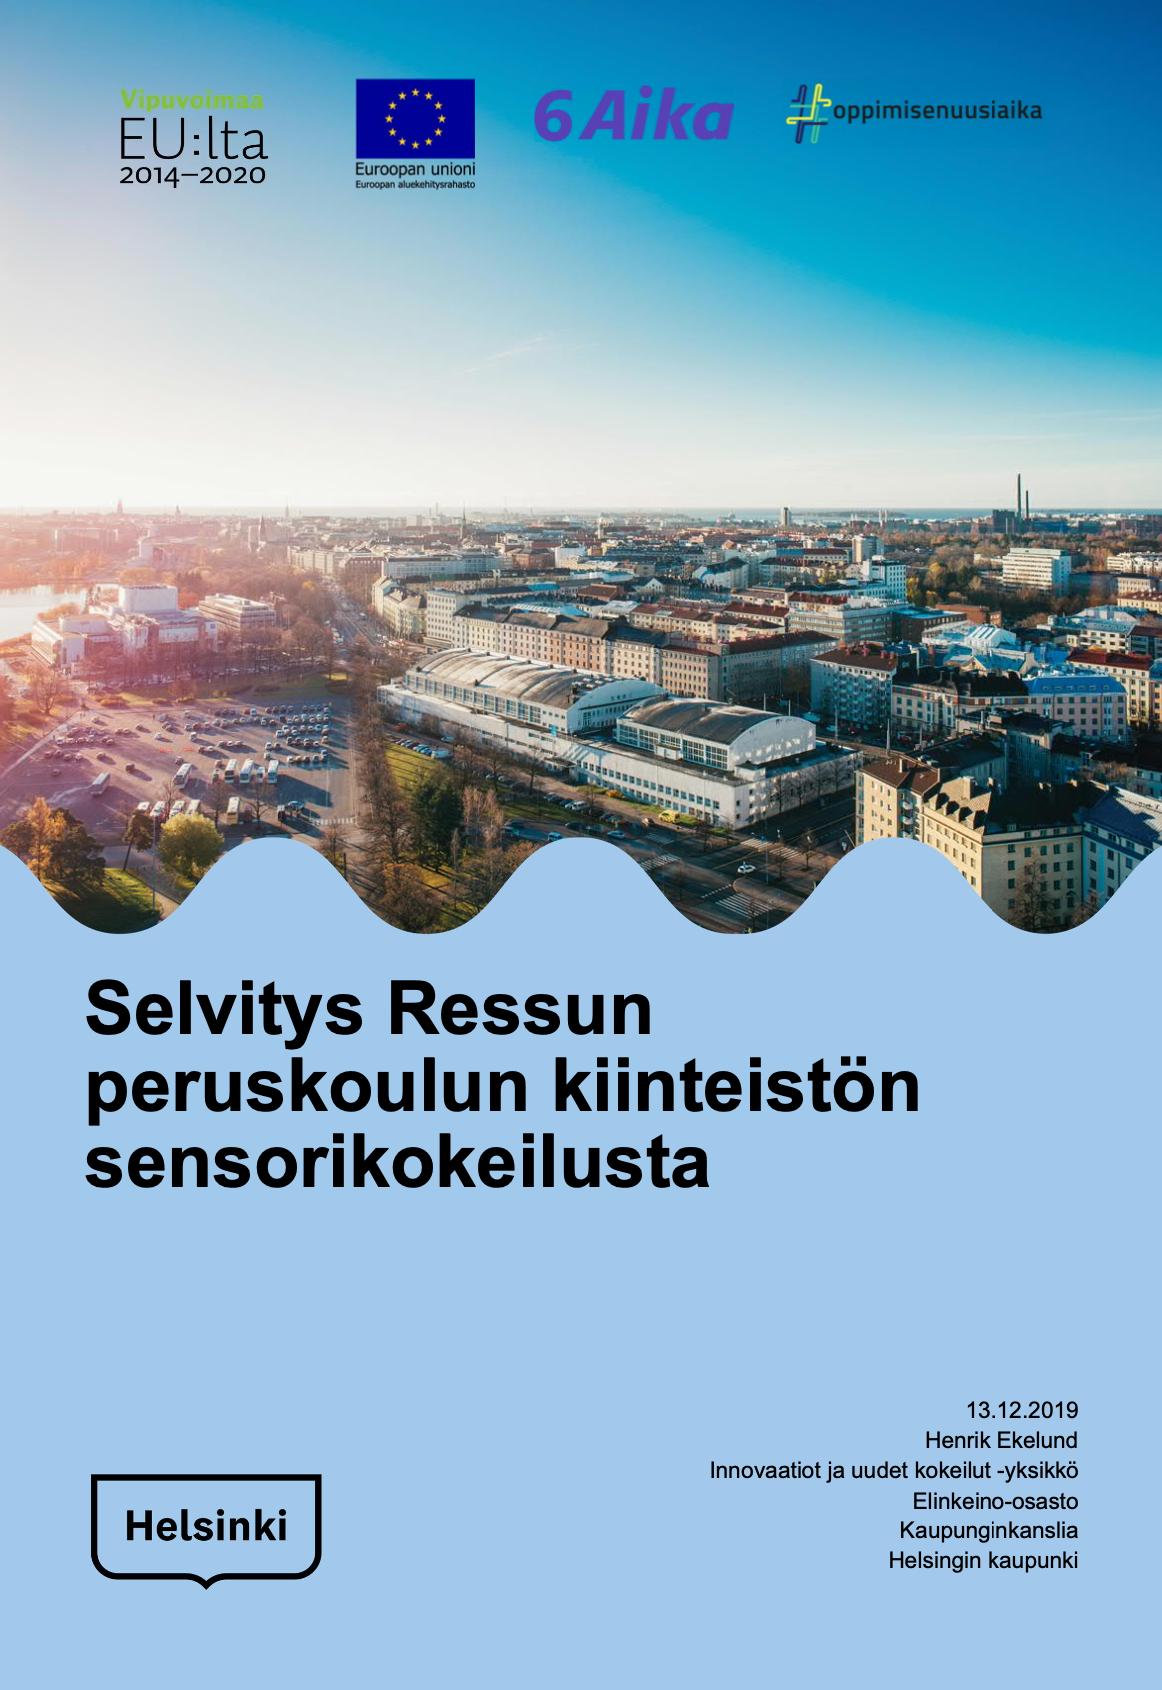 Cover for article 'Selvitys Ressun peruskoulun kiinteistön sensorikokeilusta'